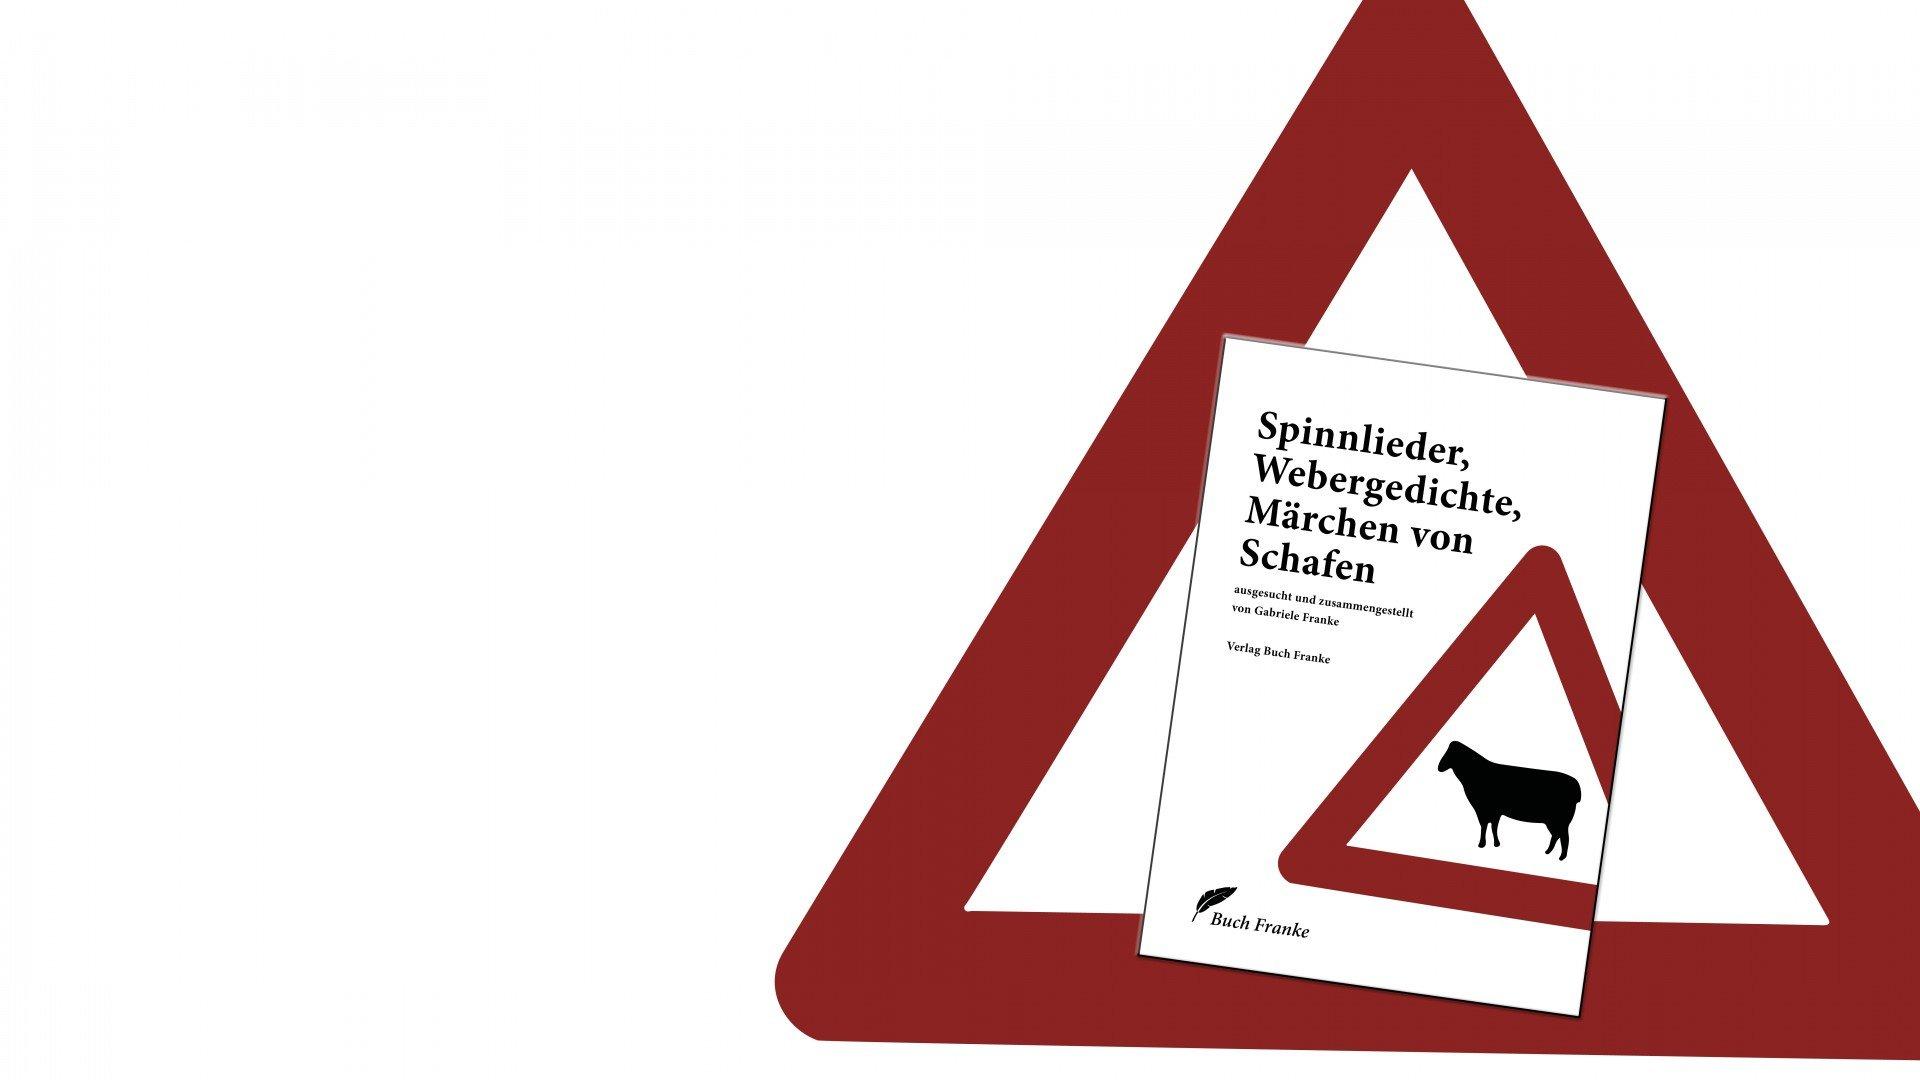 Buch-Cover in Warndreieck